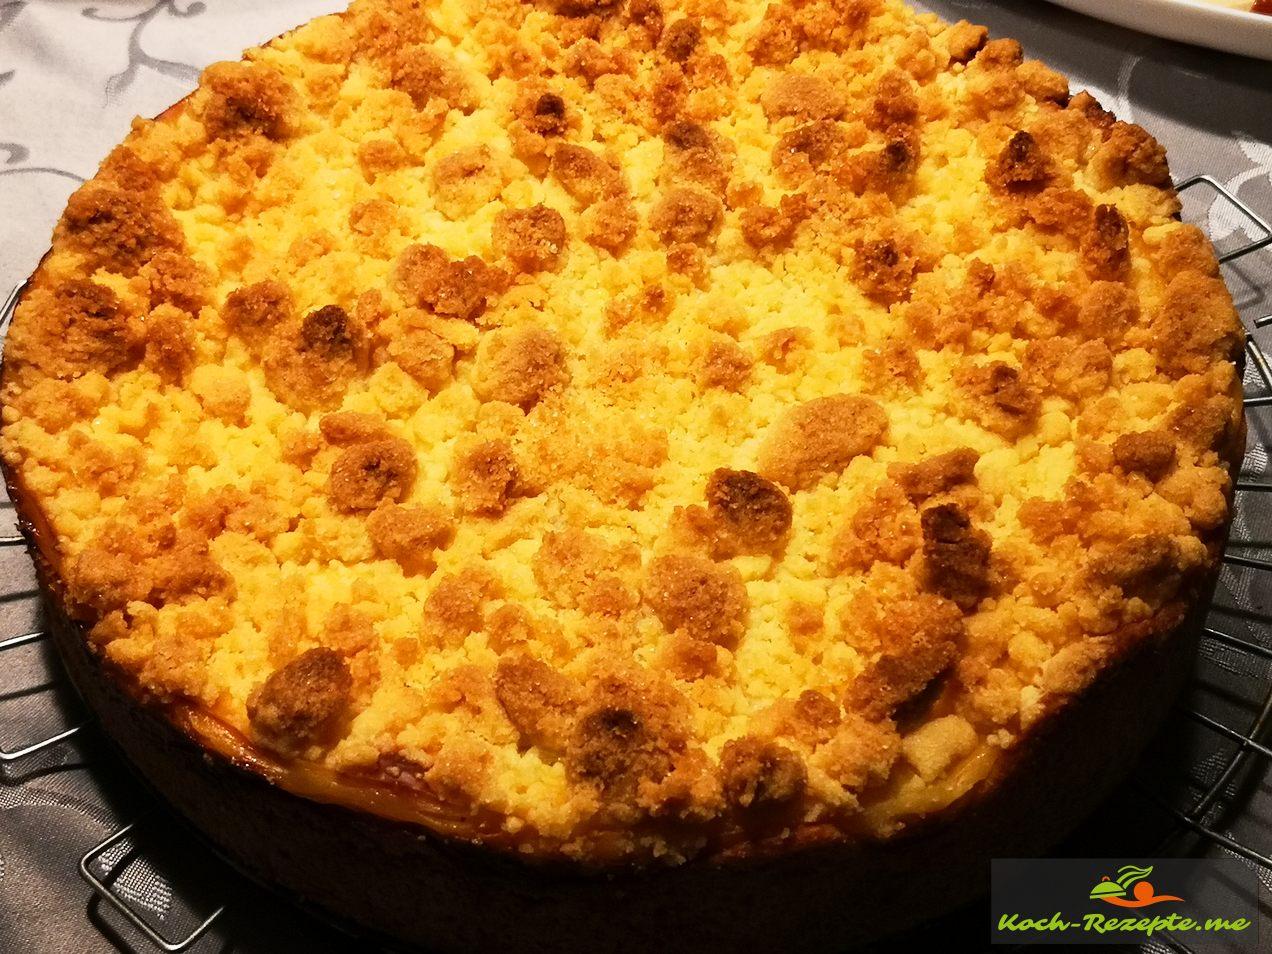 Apfelkuchen mit Pudding und Streusel leicht und schnell gebacken.